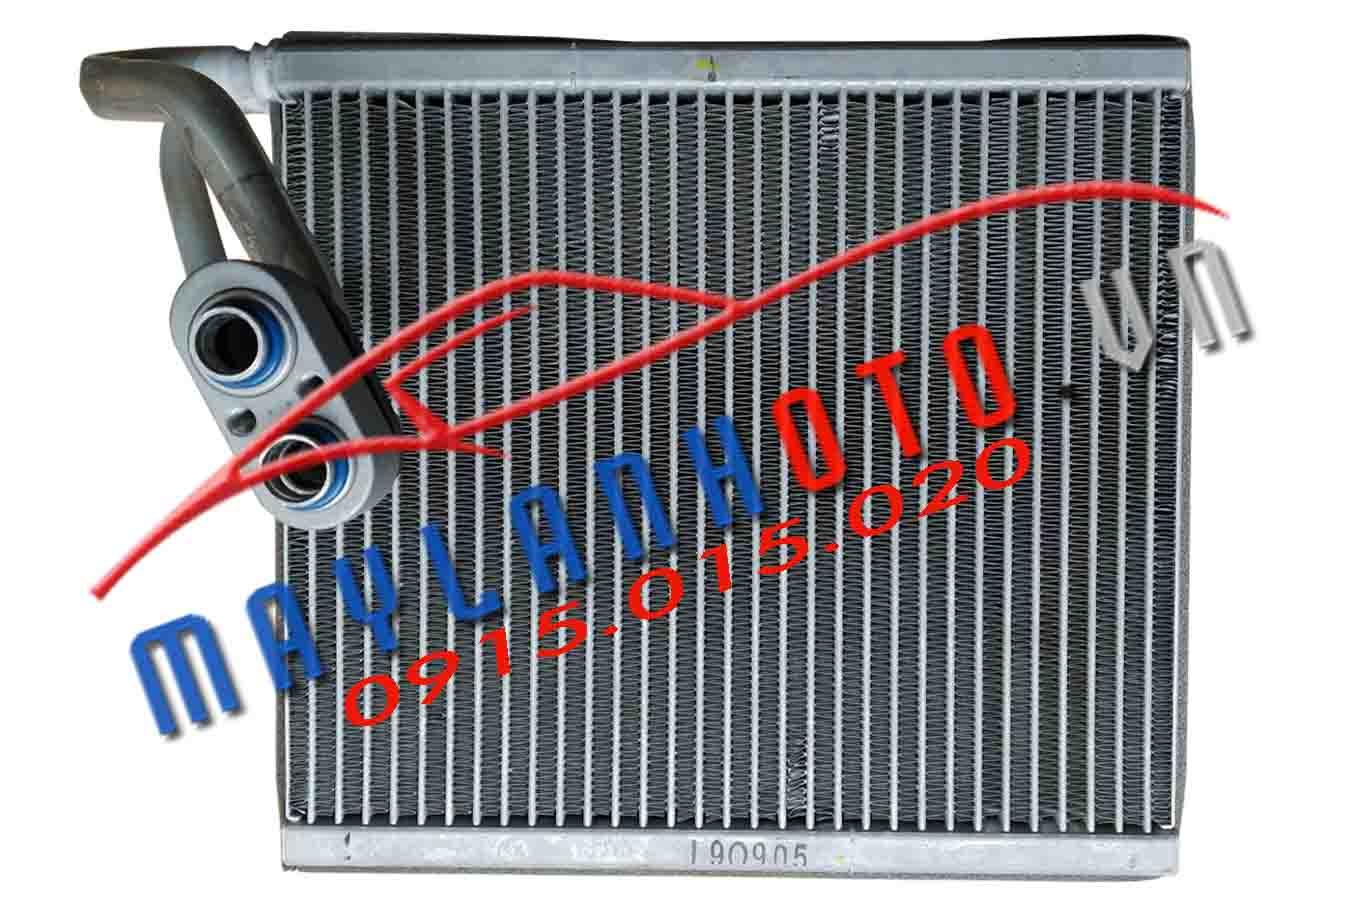 Kia Cerato 08-14 / Dàn lạnh Kia Cerato 2008-2014 / Giàn lạnh Kia Cerato 2008-2014